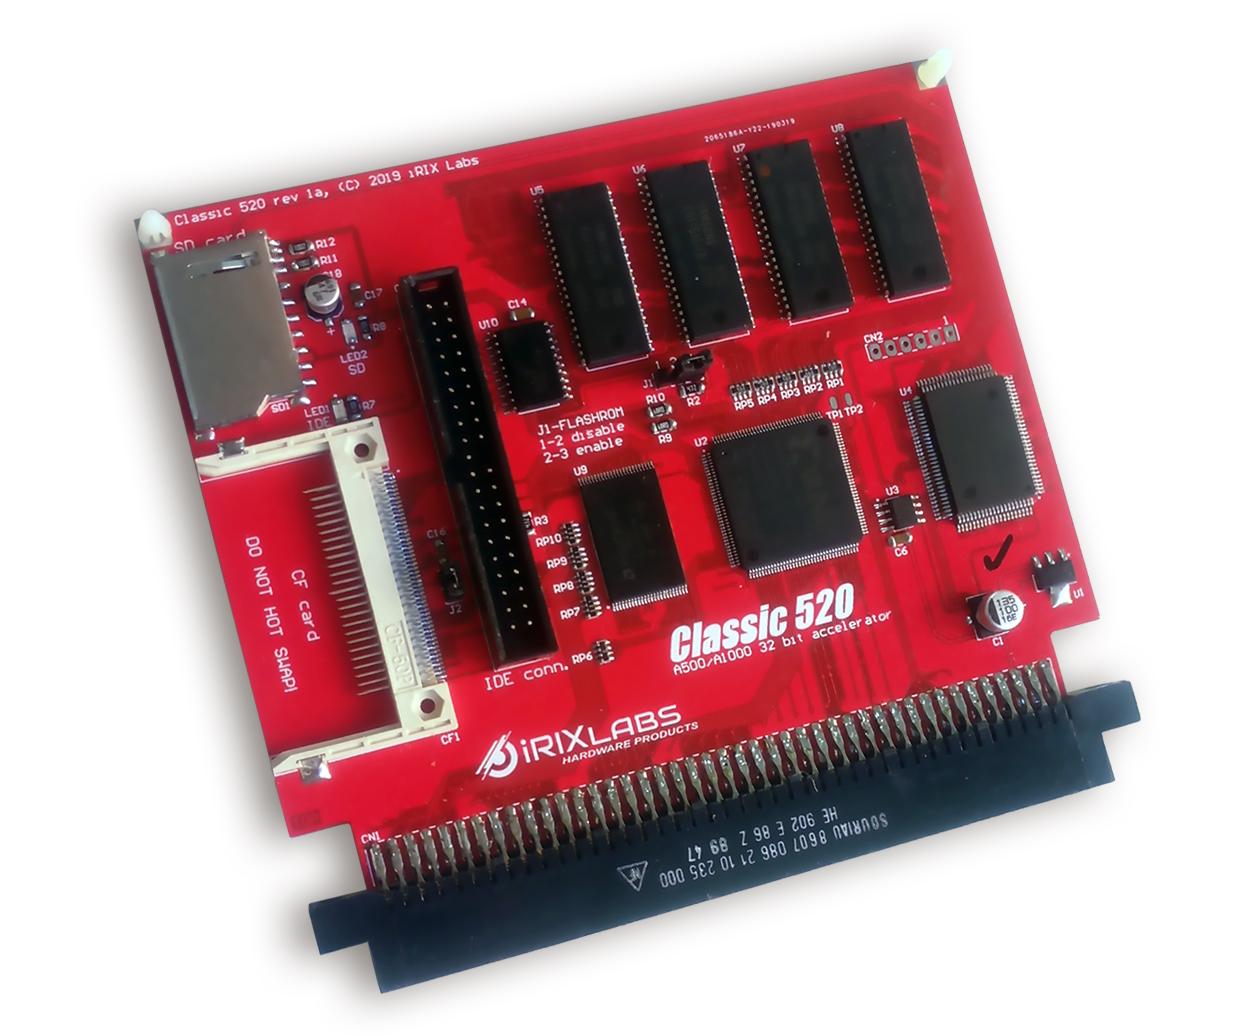 Classic Amiga 520 Front